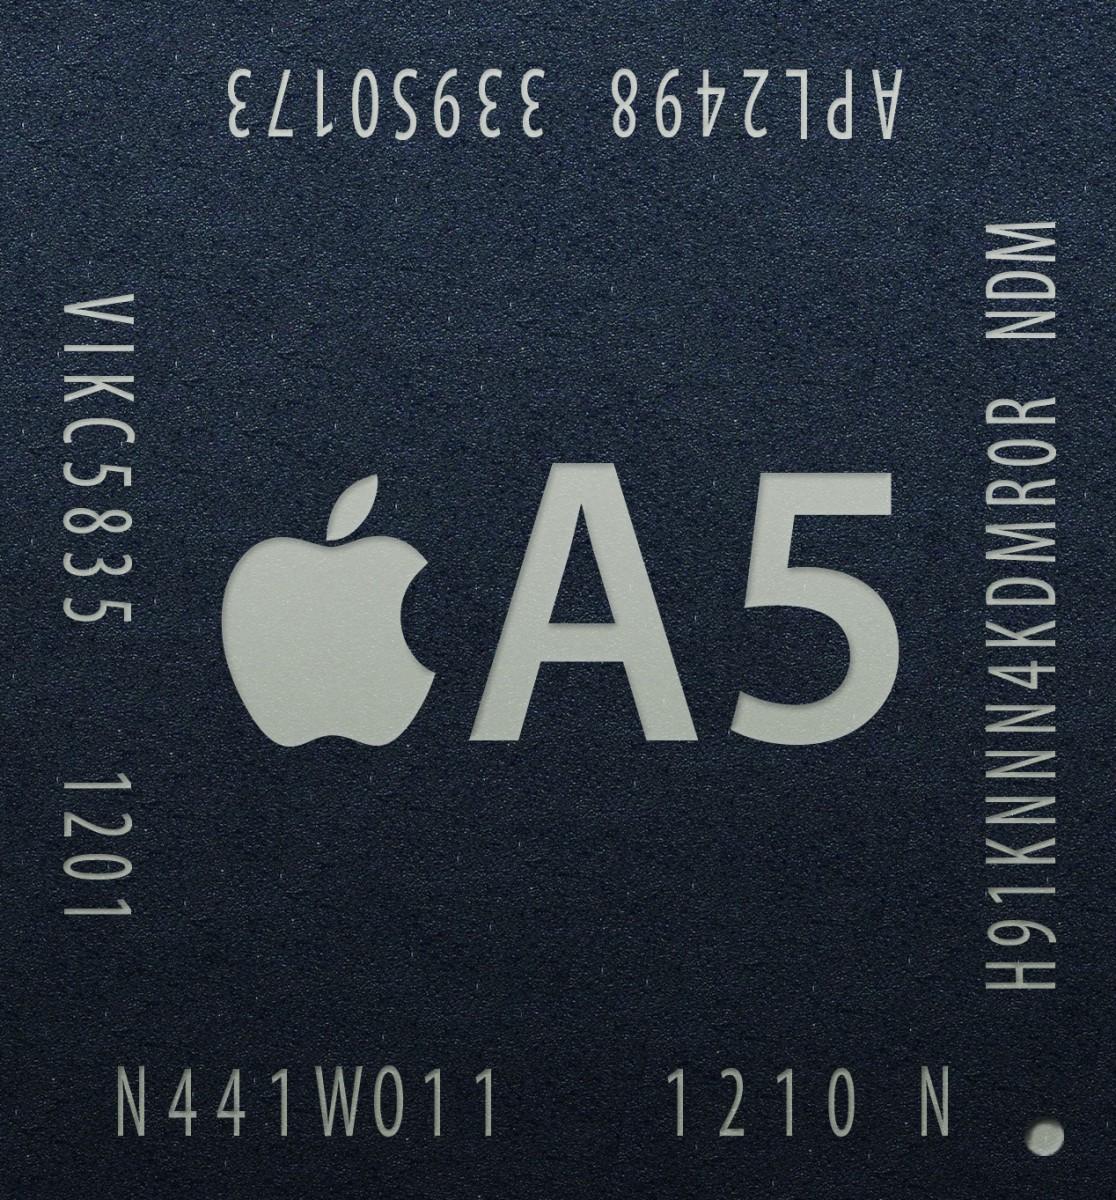 センスのいい,かっこいい,Apple,アップル,壁紙,画像,まとめ218